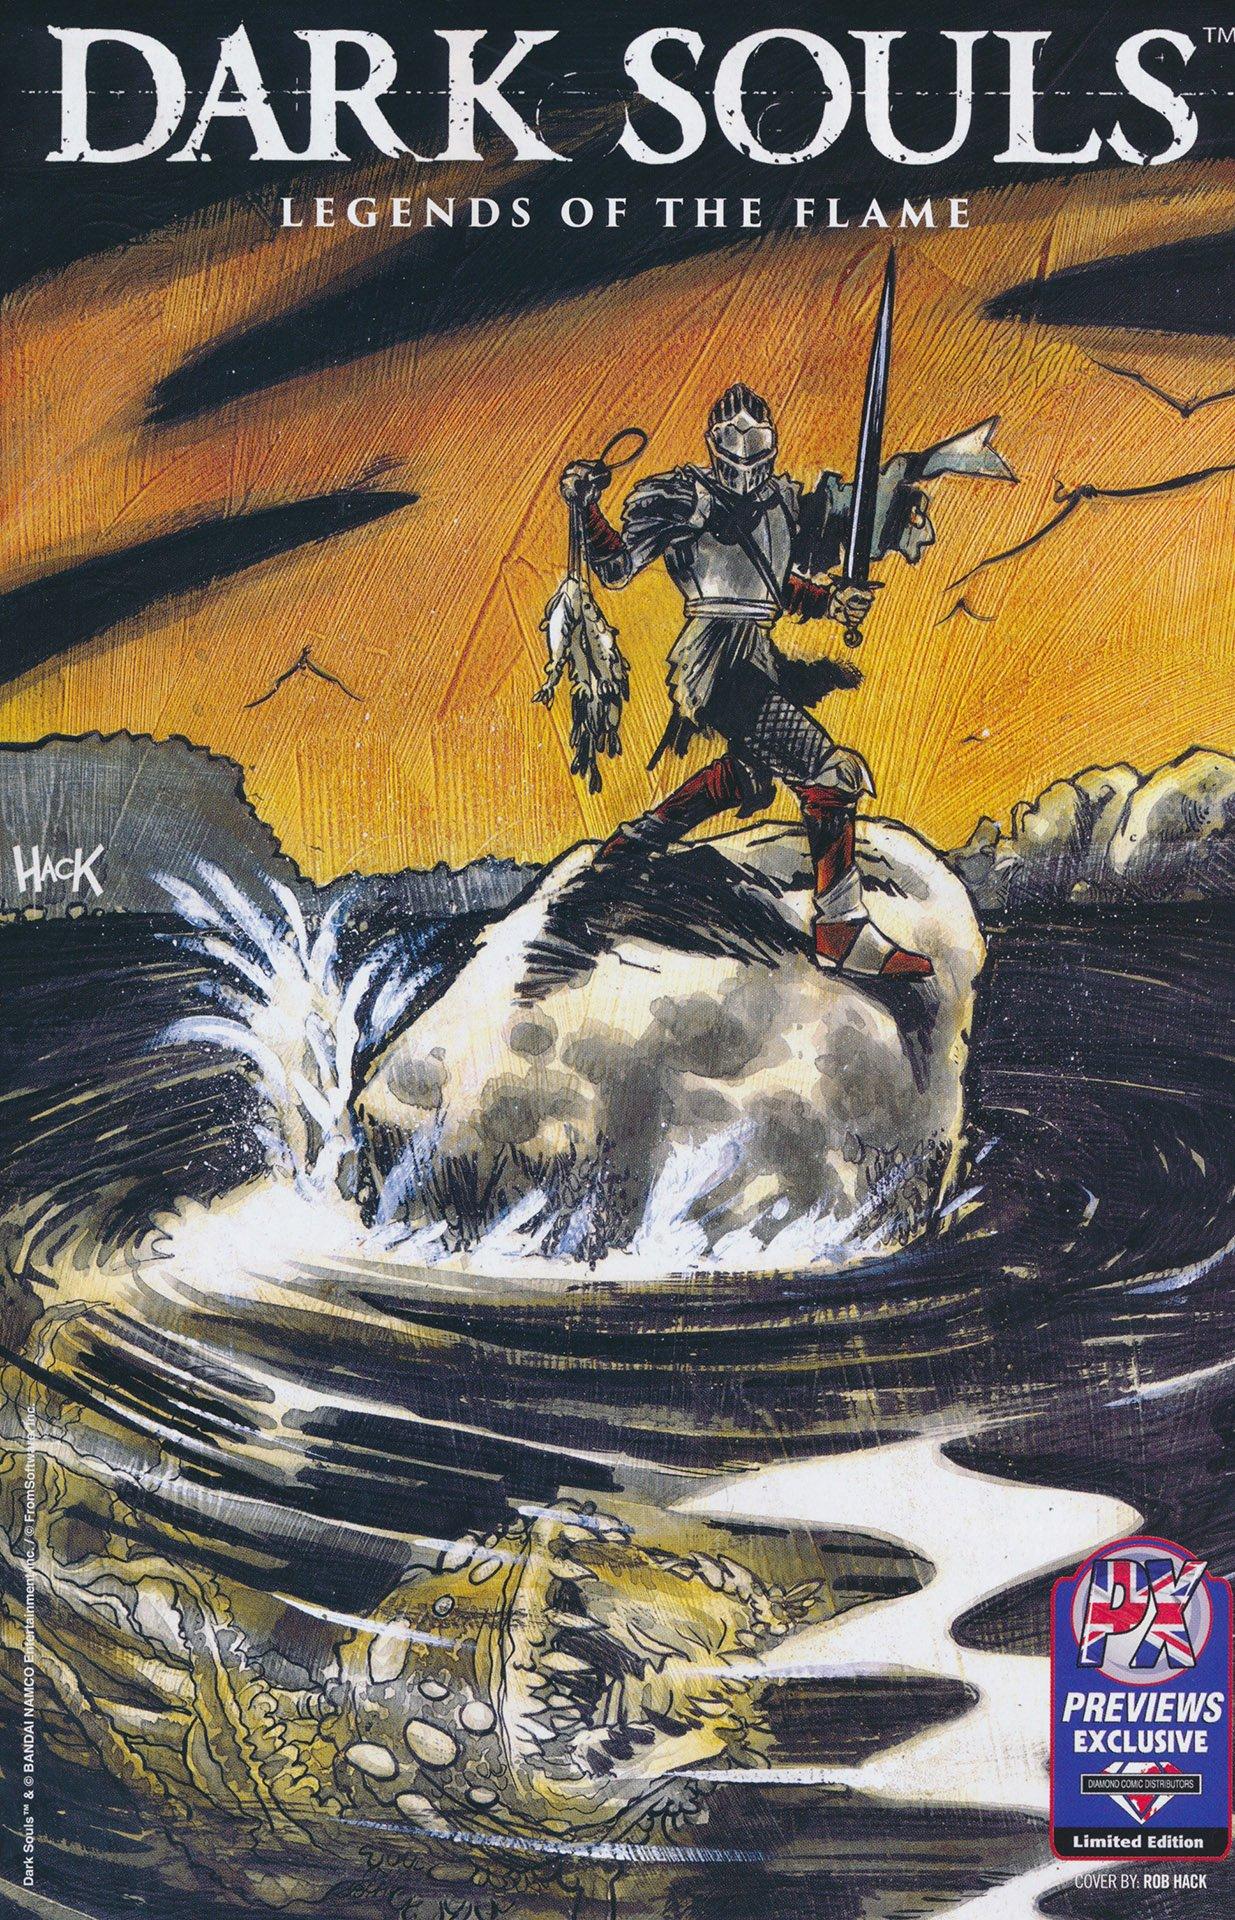 Dark Souls: Legends of the Flame 001 (September 2016) (Diamond UK variant)